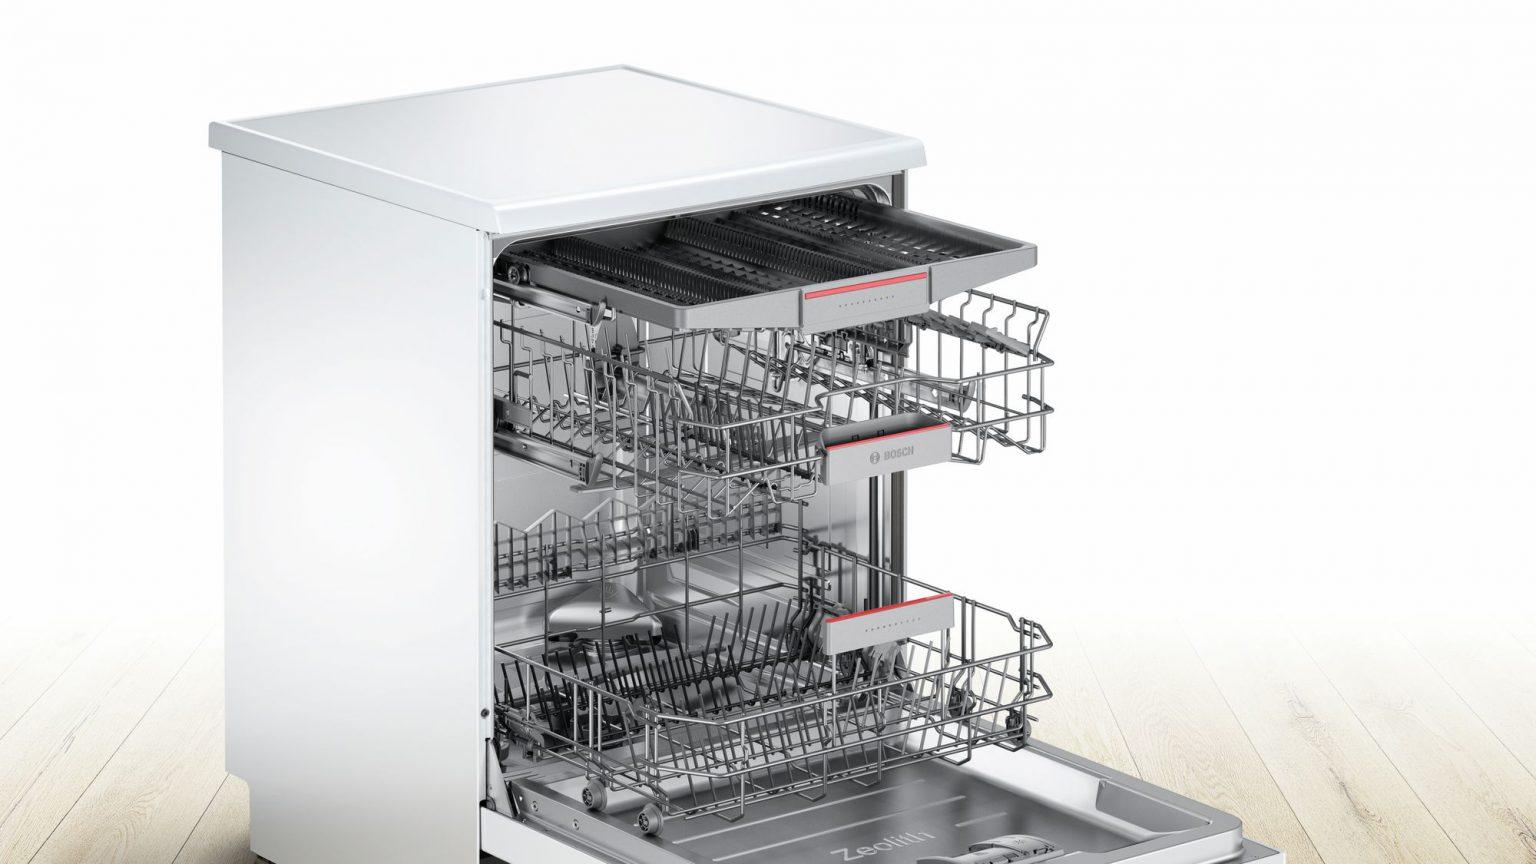 Bosch 67NI10 dishwasher dominokala 2 - ماشین ظرفشویی بوش SMS67NI10M